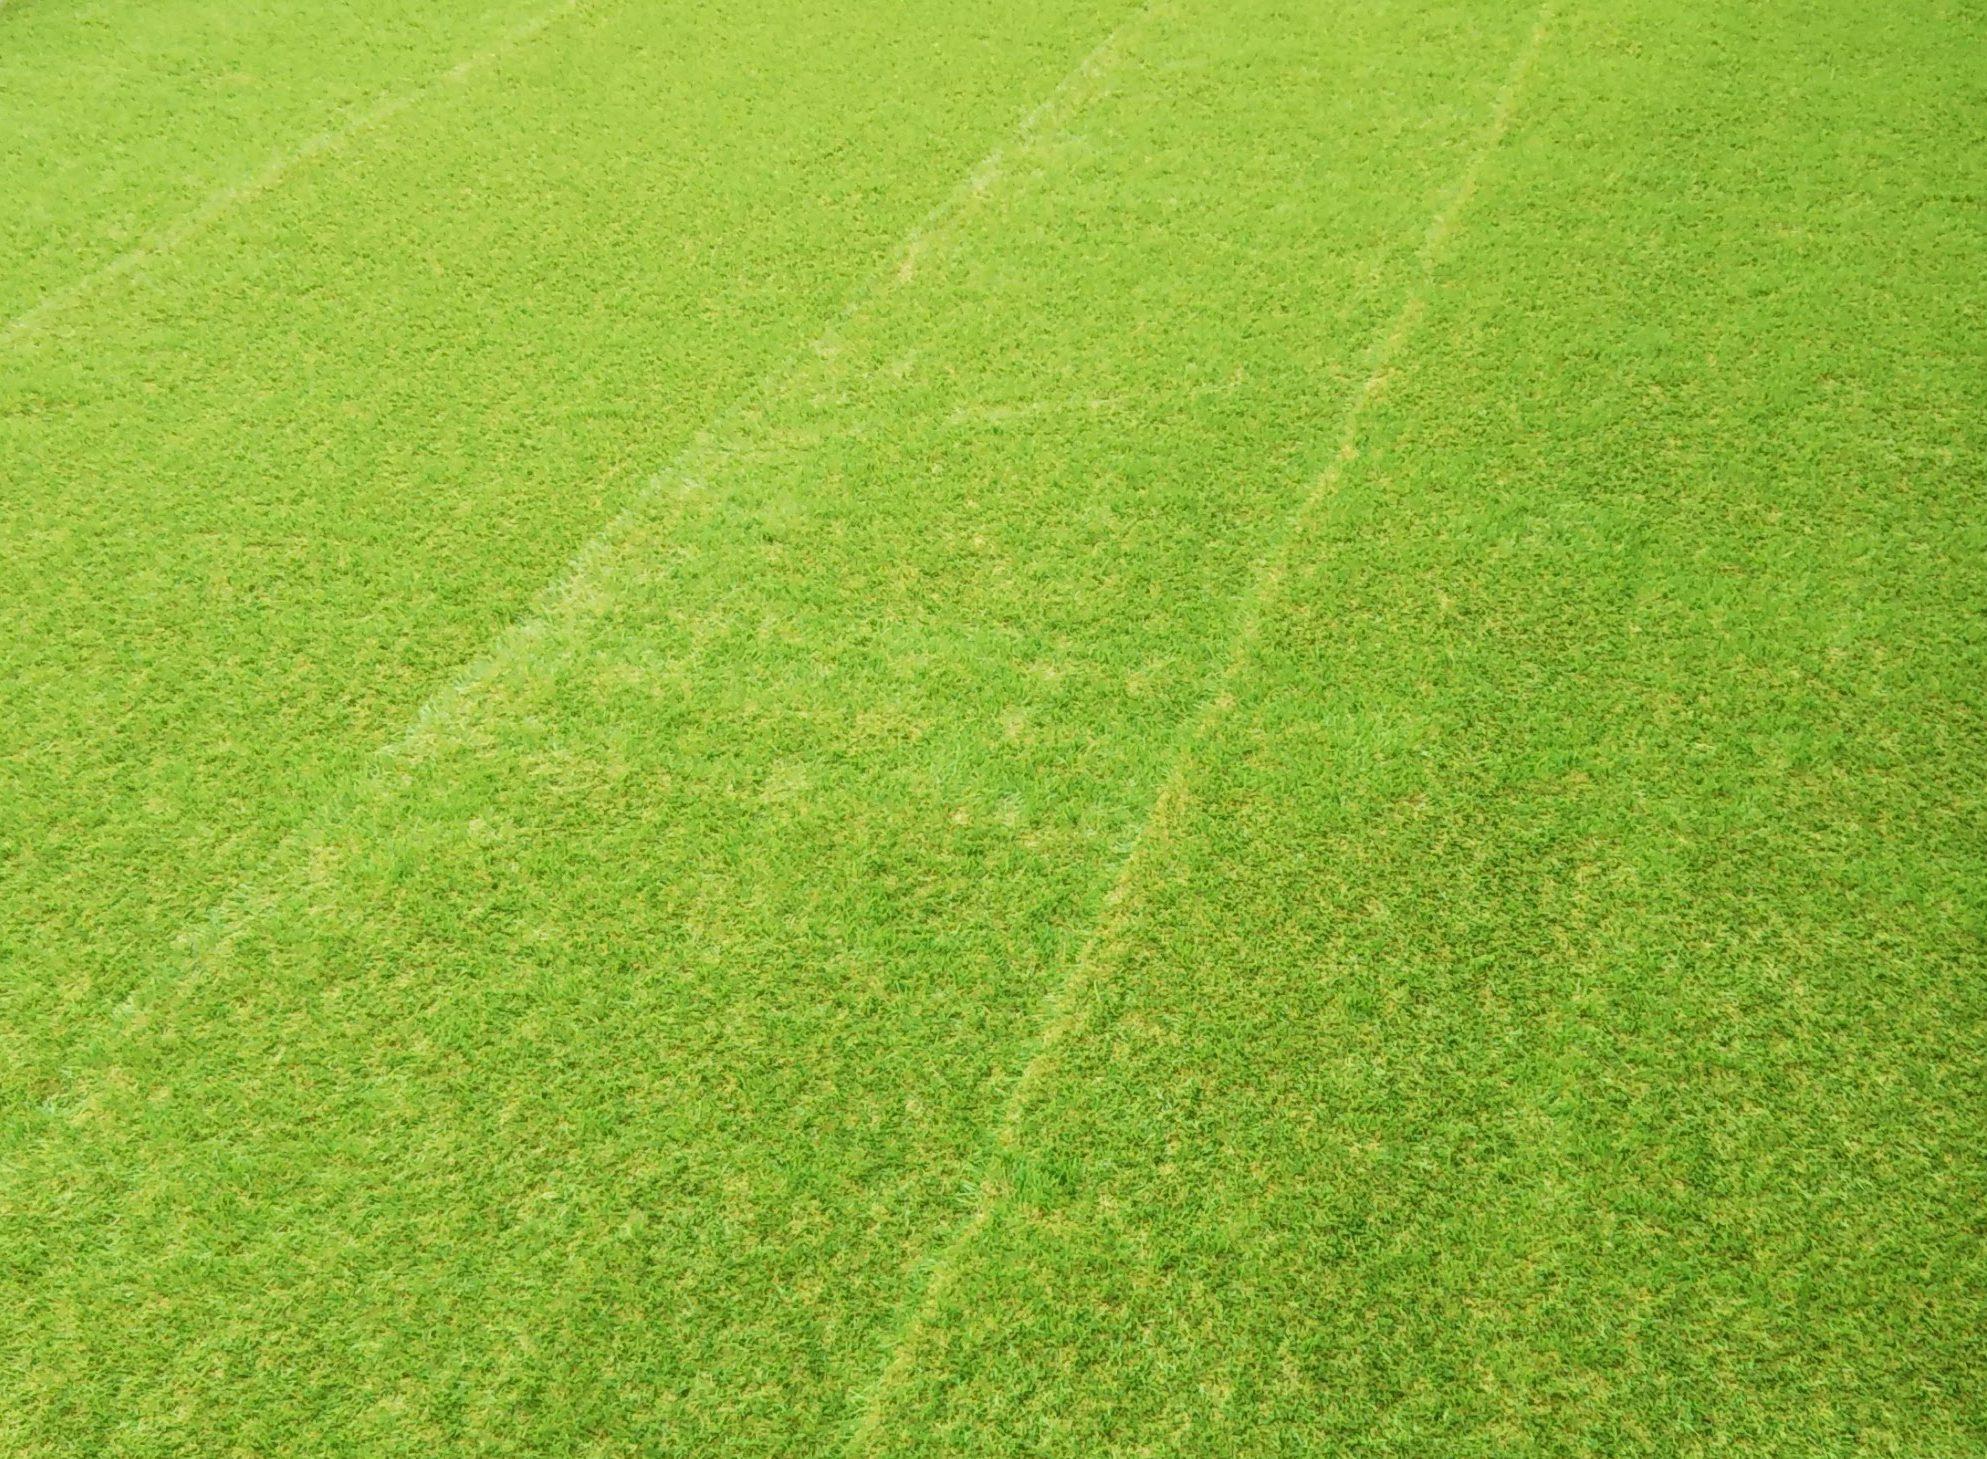 【庭DIY】人工芝の敷き方を経験談から解説。初心者が施工した出来栄え